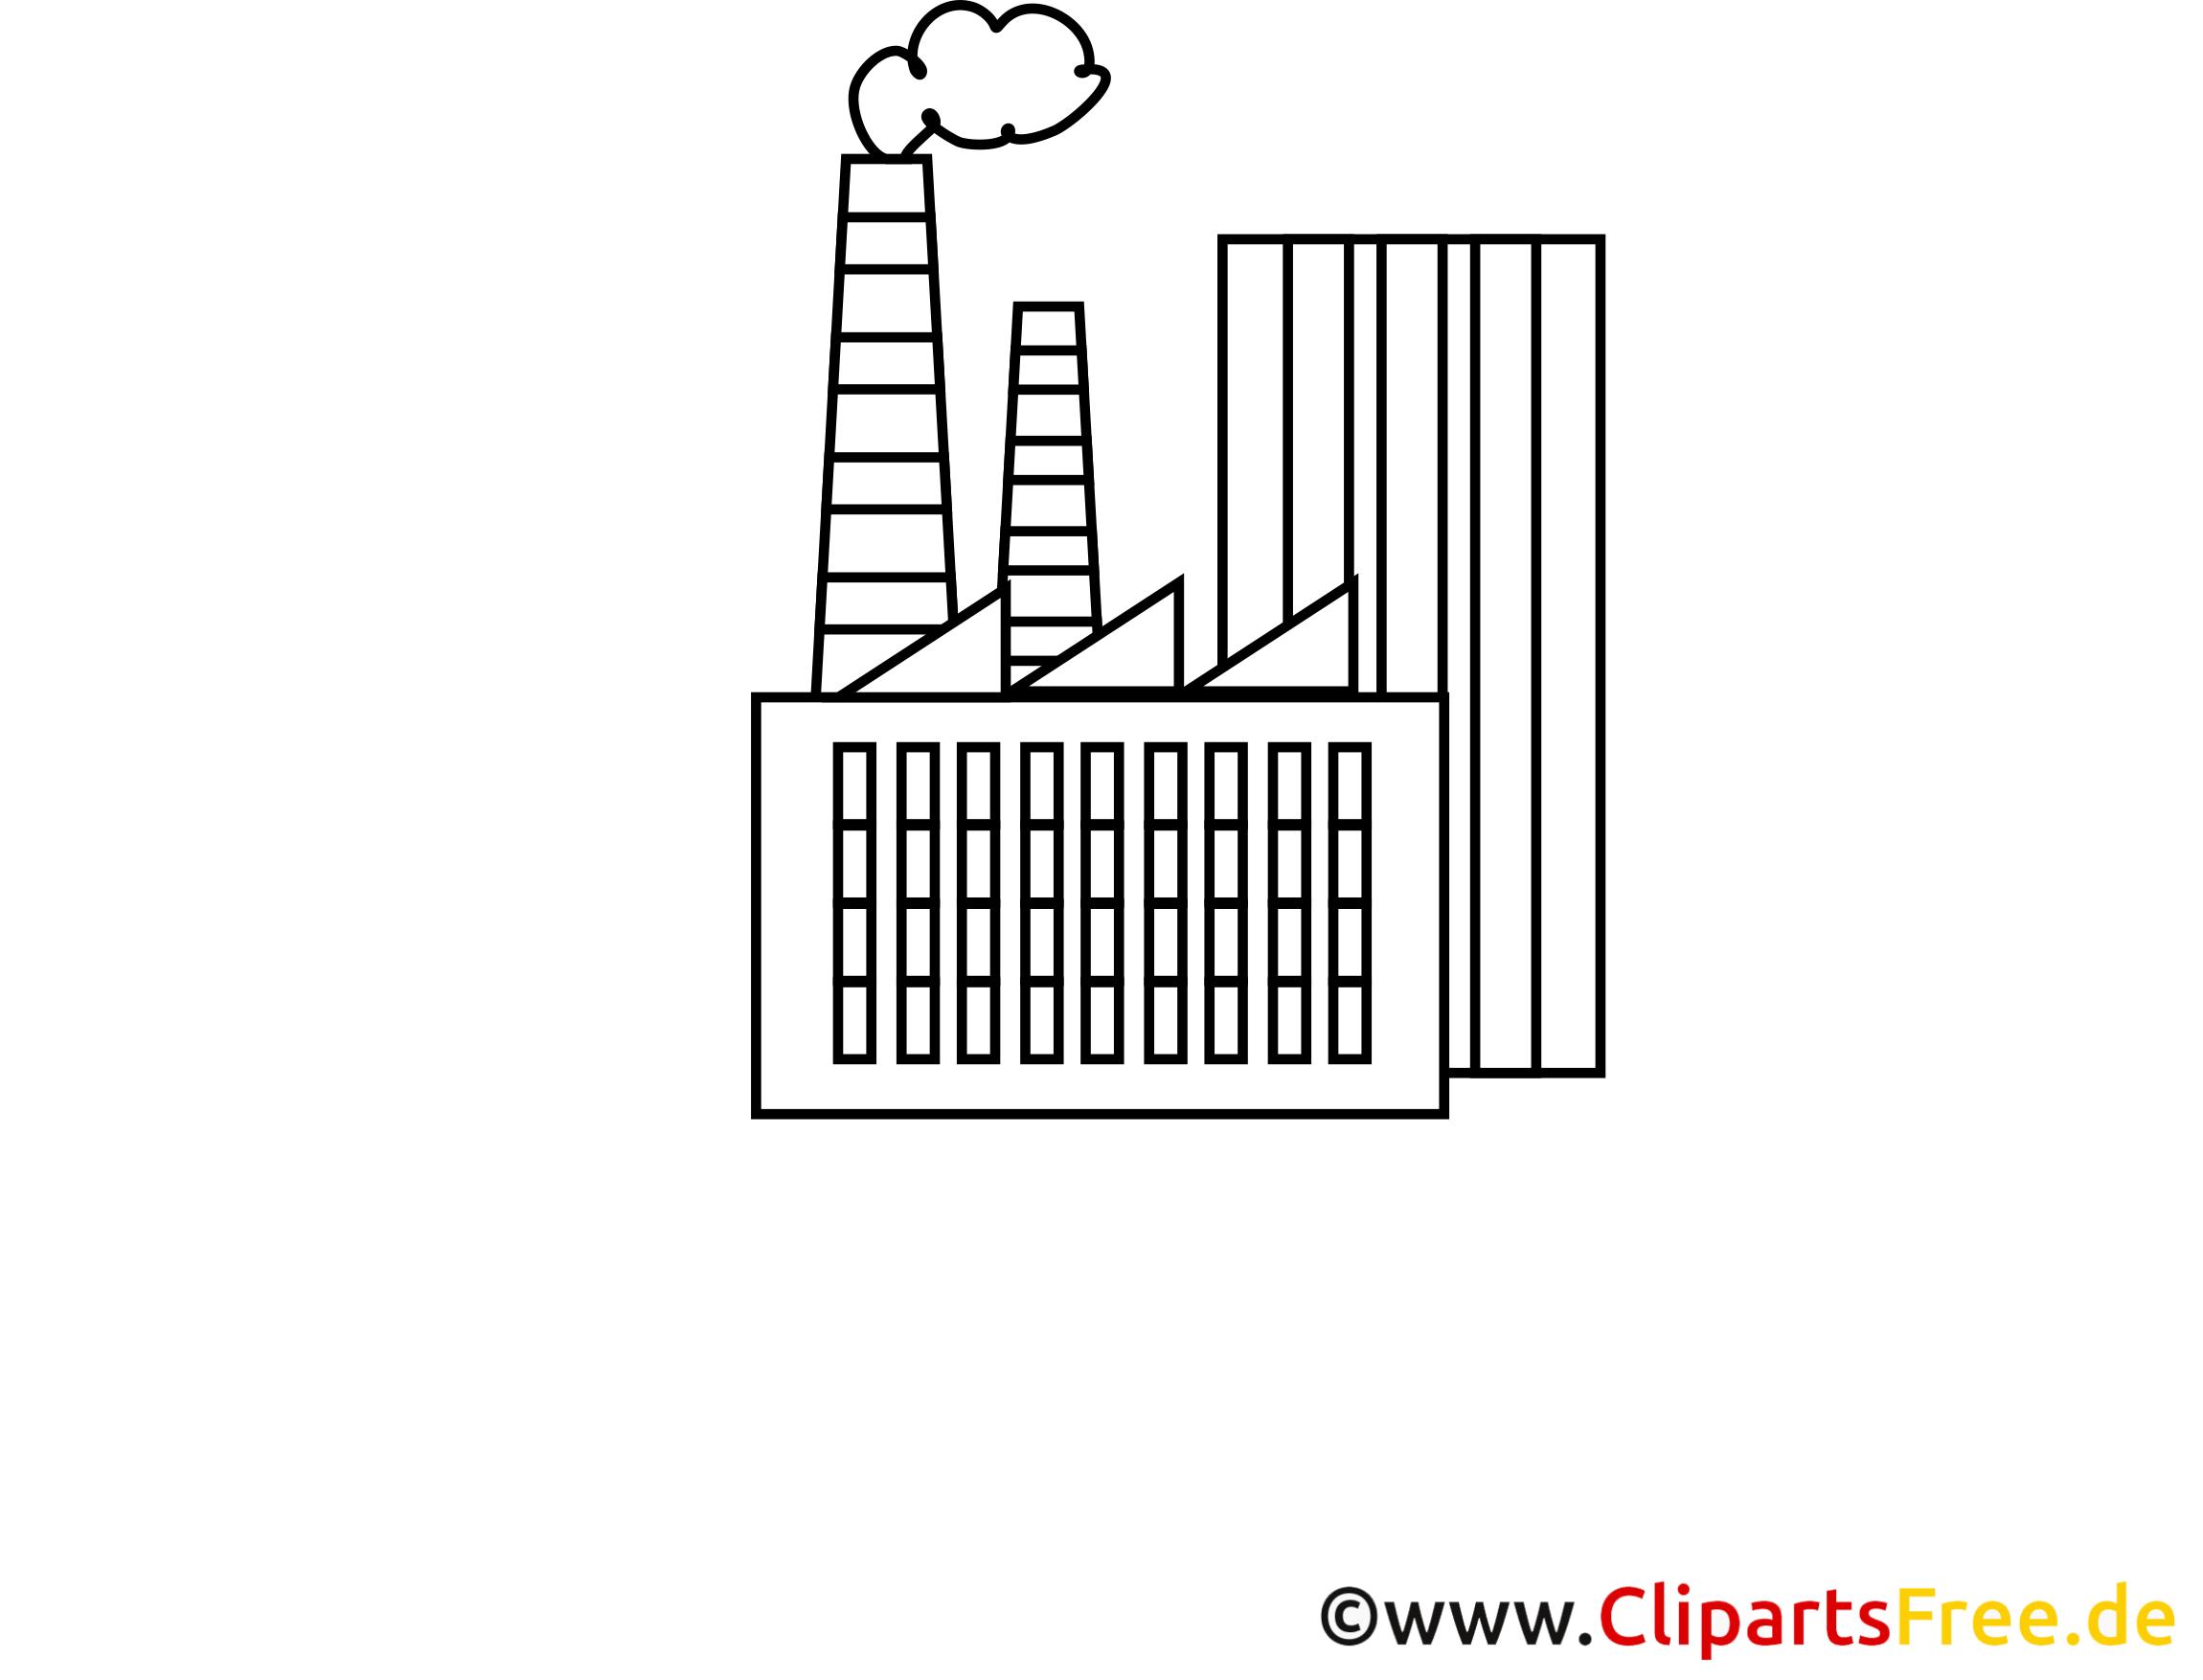 Clip arts gratuits fabrique à colorier - Industrie illustrations